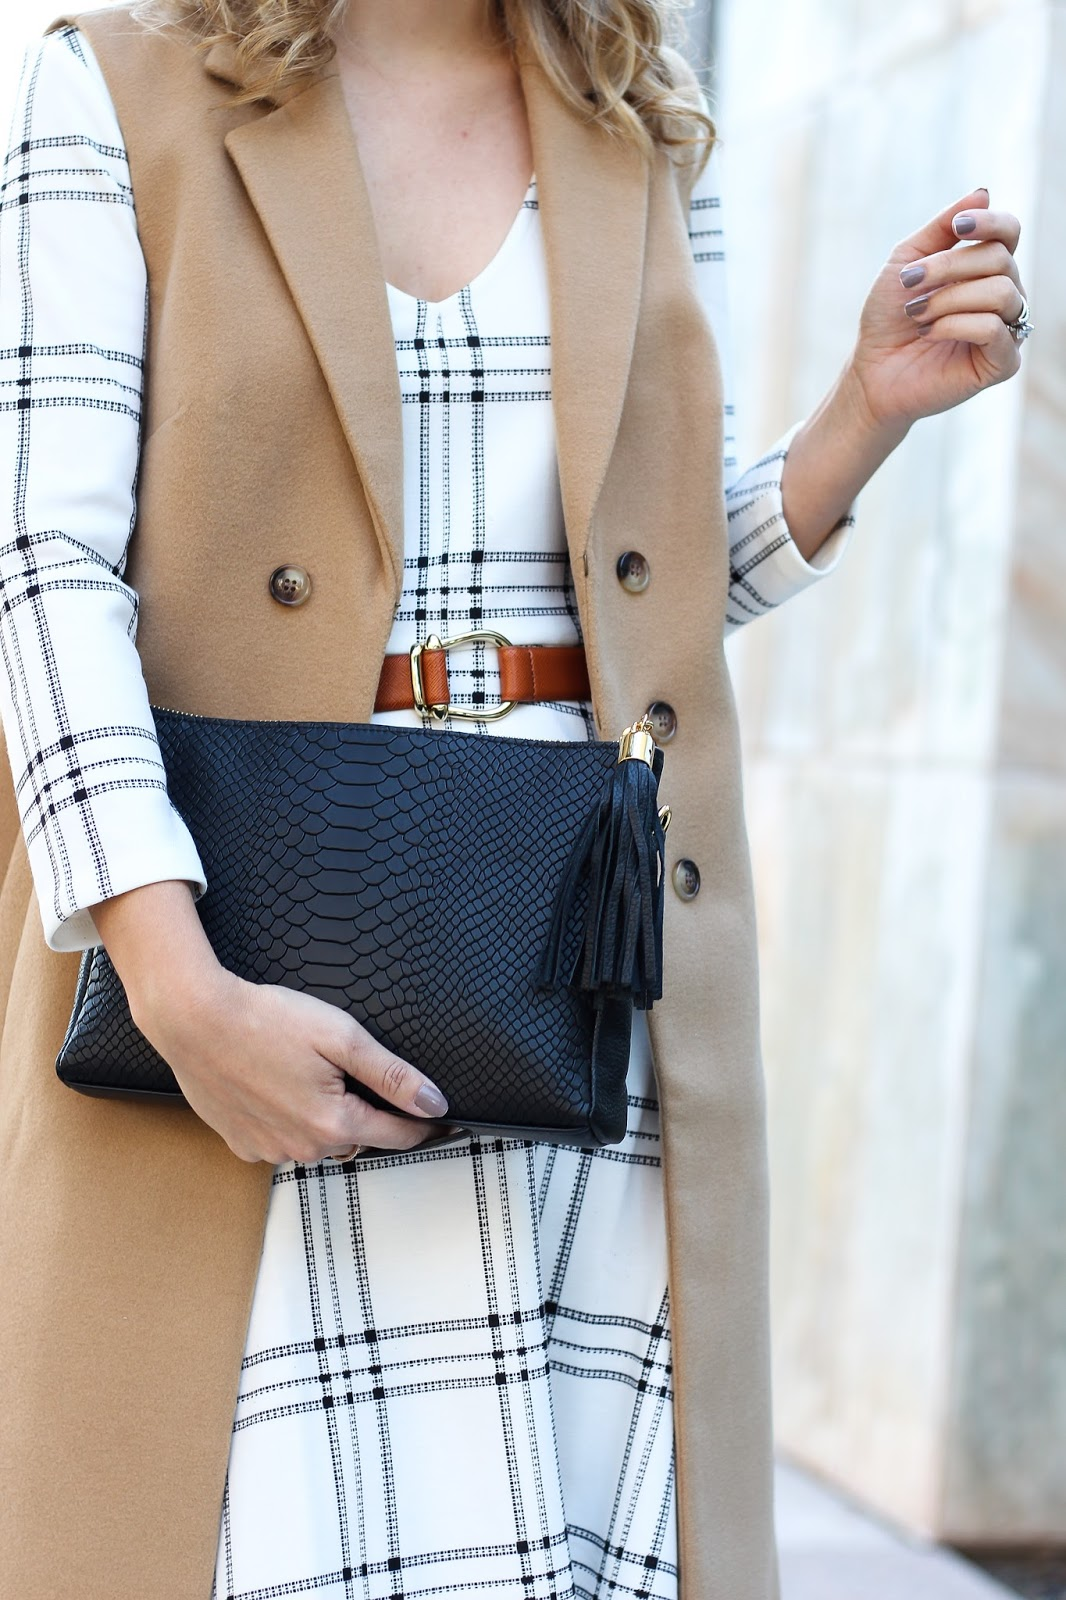 fall dress - layers - fall layers statement belt - fashion - simply sutter